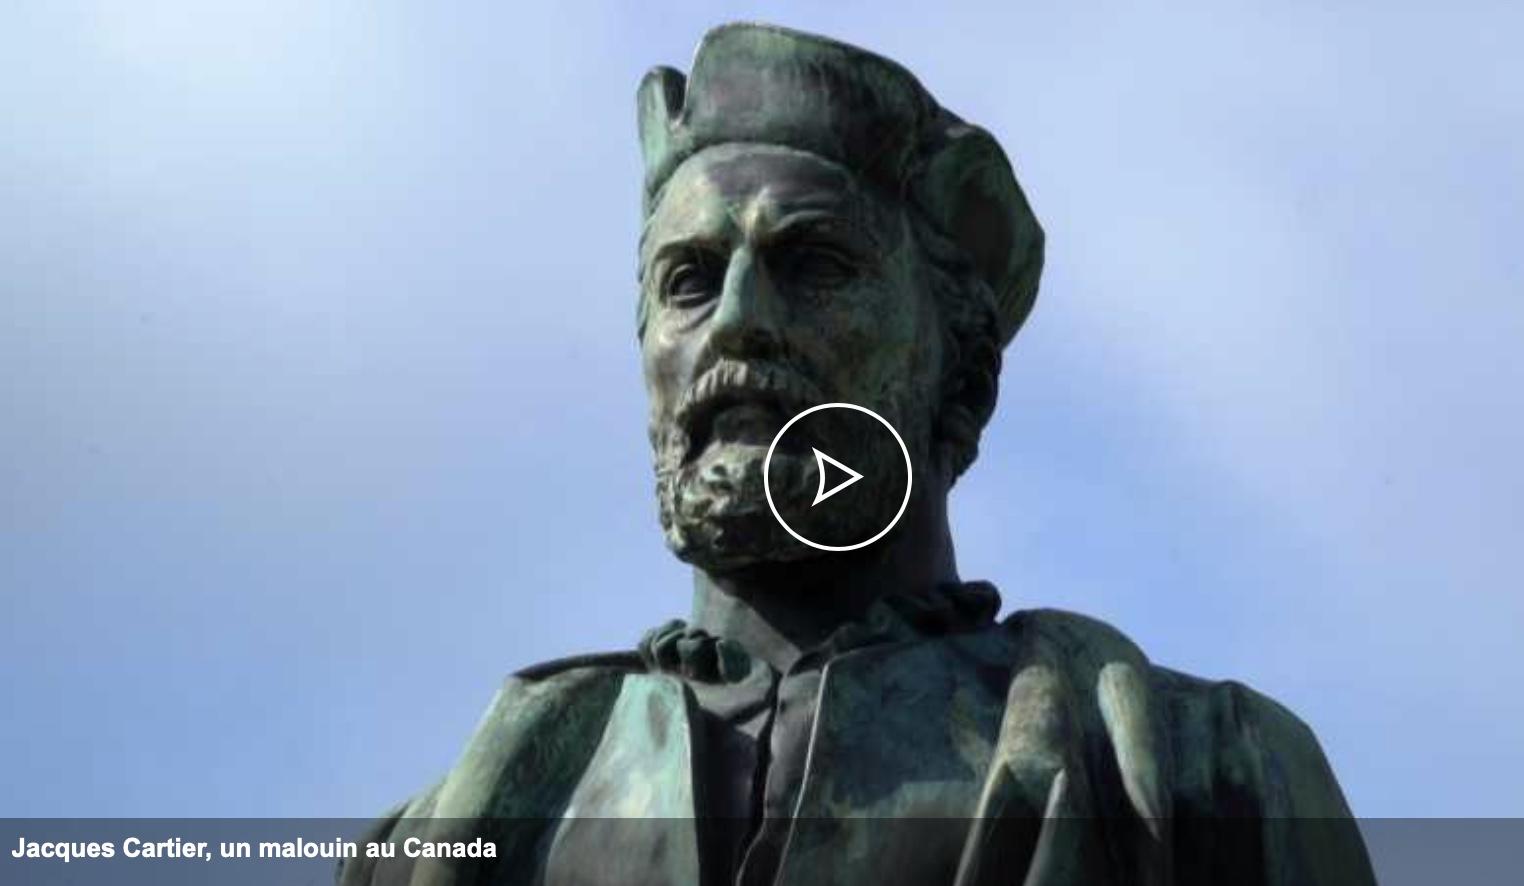 JACQUES CARTIER, UN MALOUIN AU CANADA